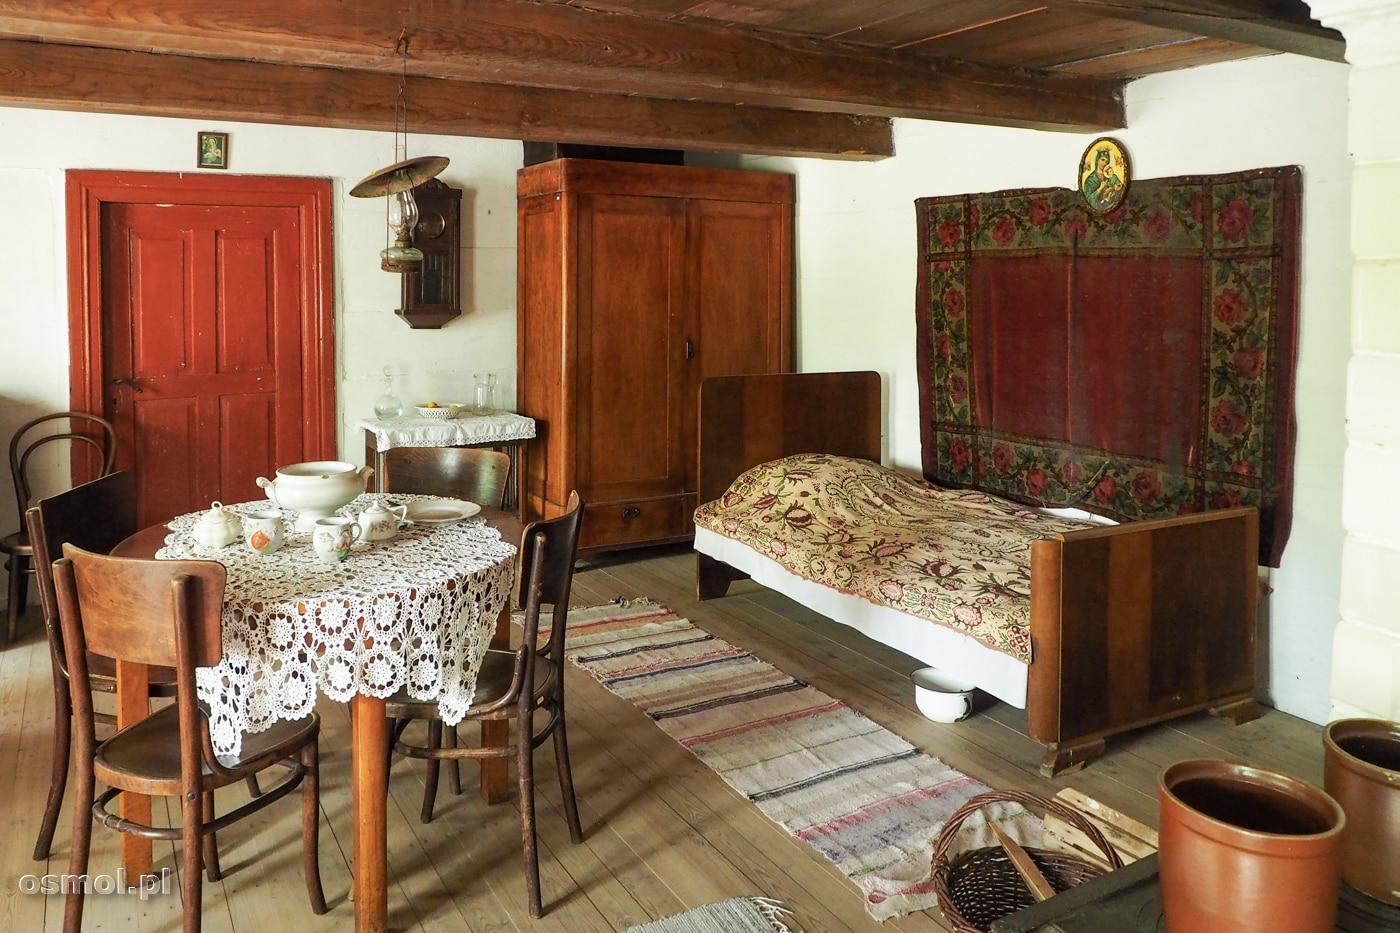 Pokój mieszkalny nauczyciela w skansenie w Maurzycach